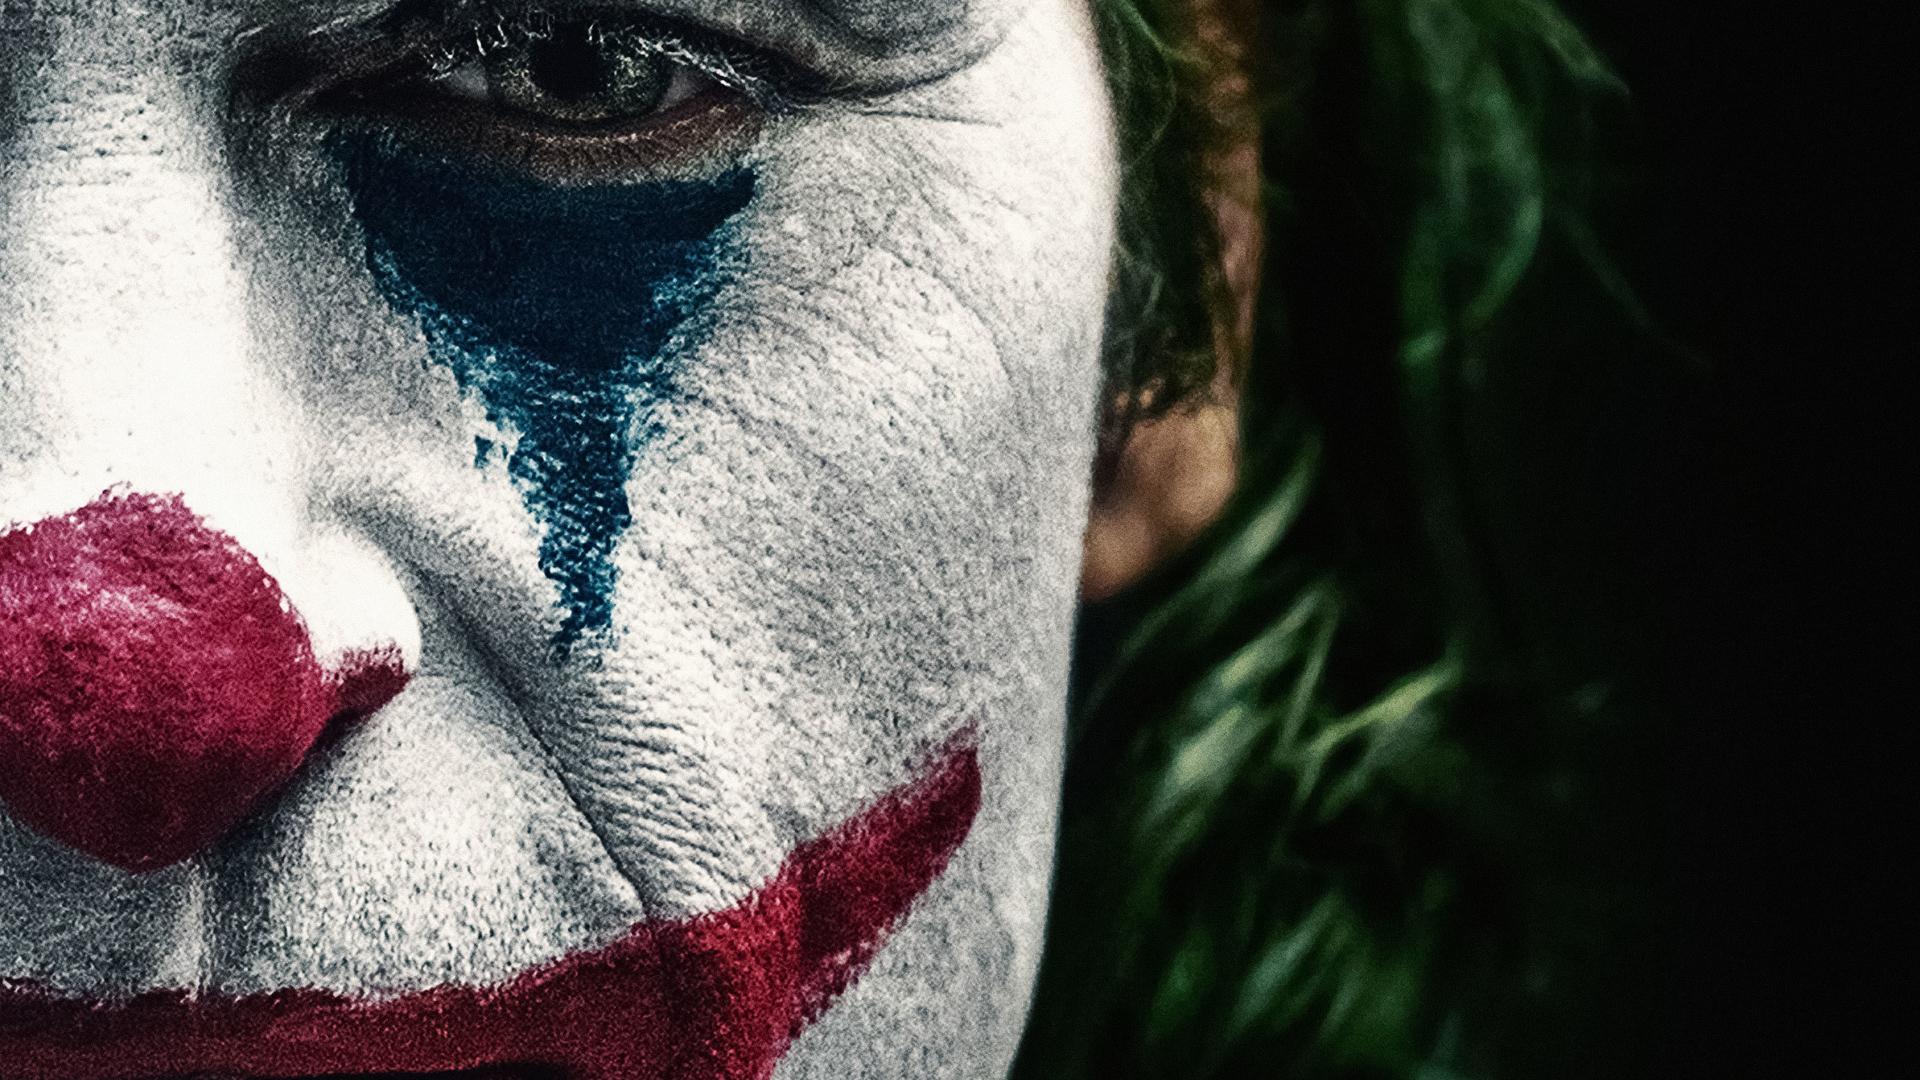 1920x1080 Joker 2019 1080p Laptop Full Hd Wallpaper Hd